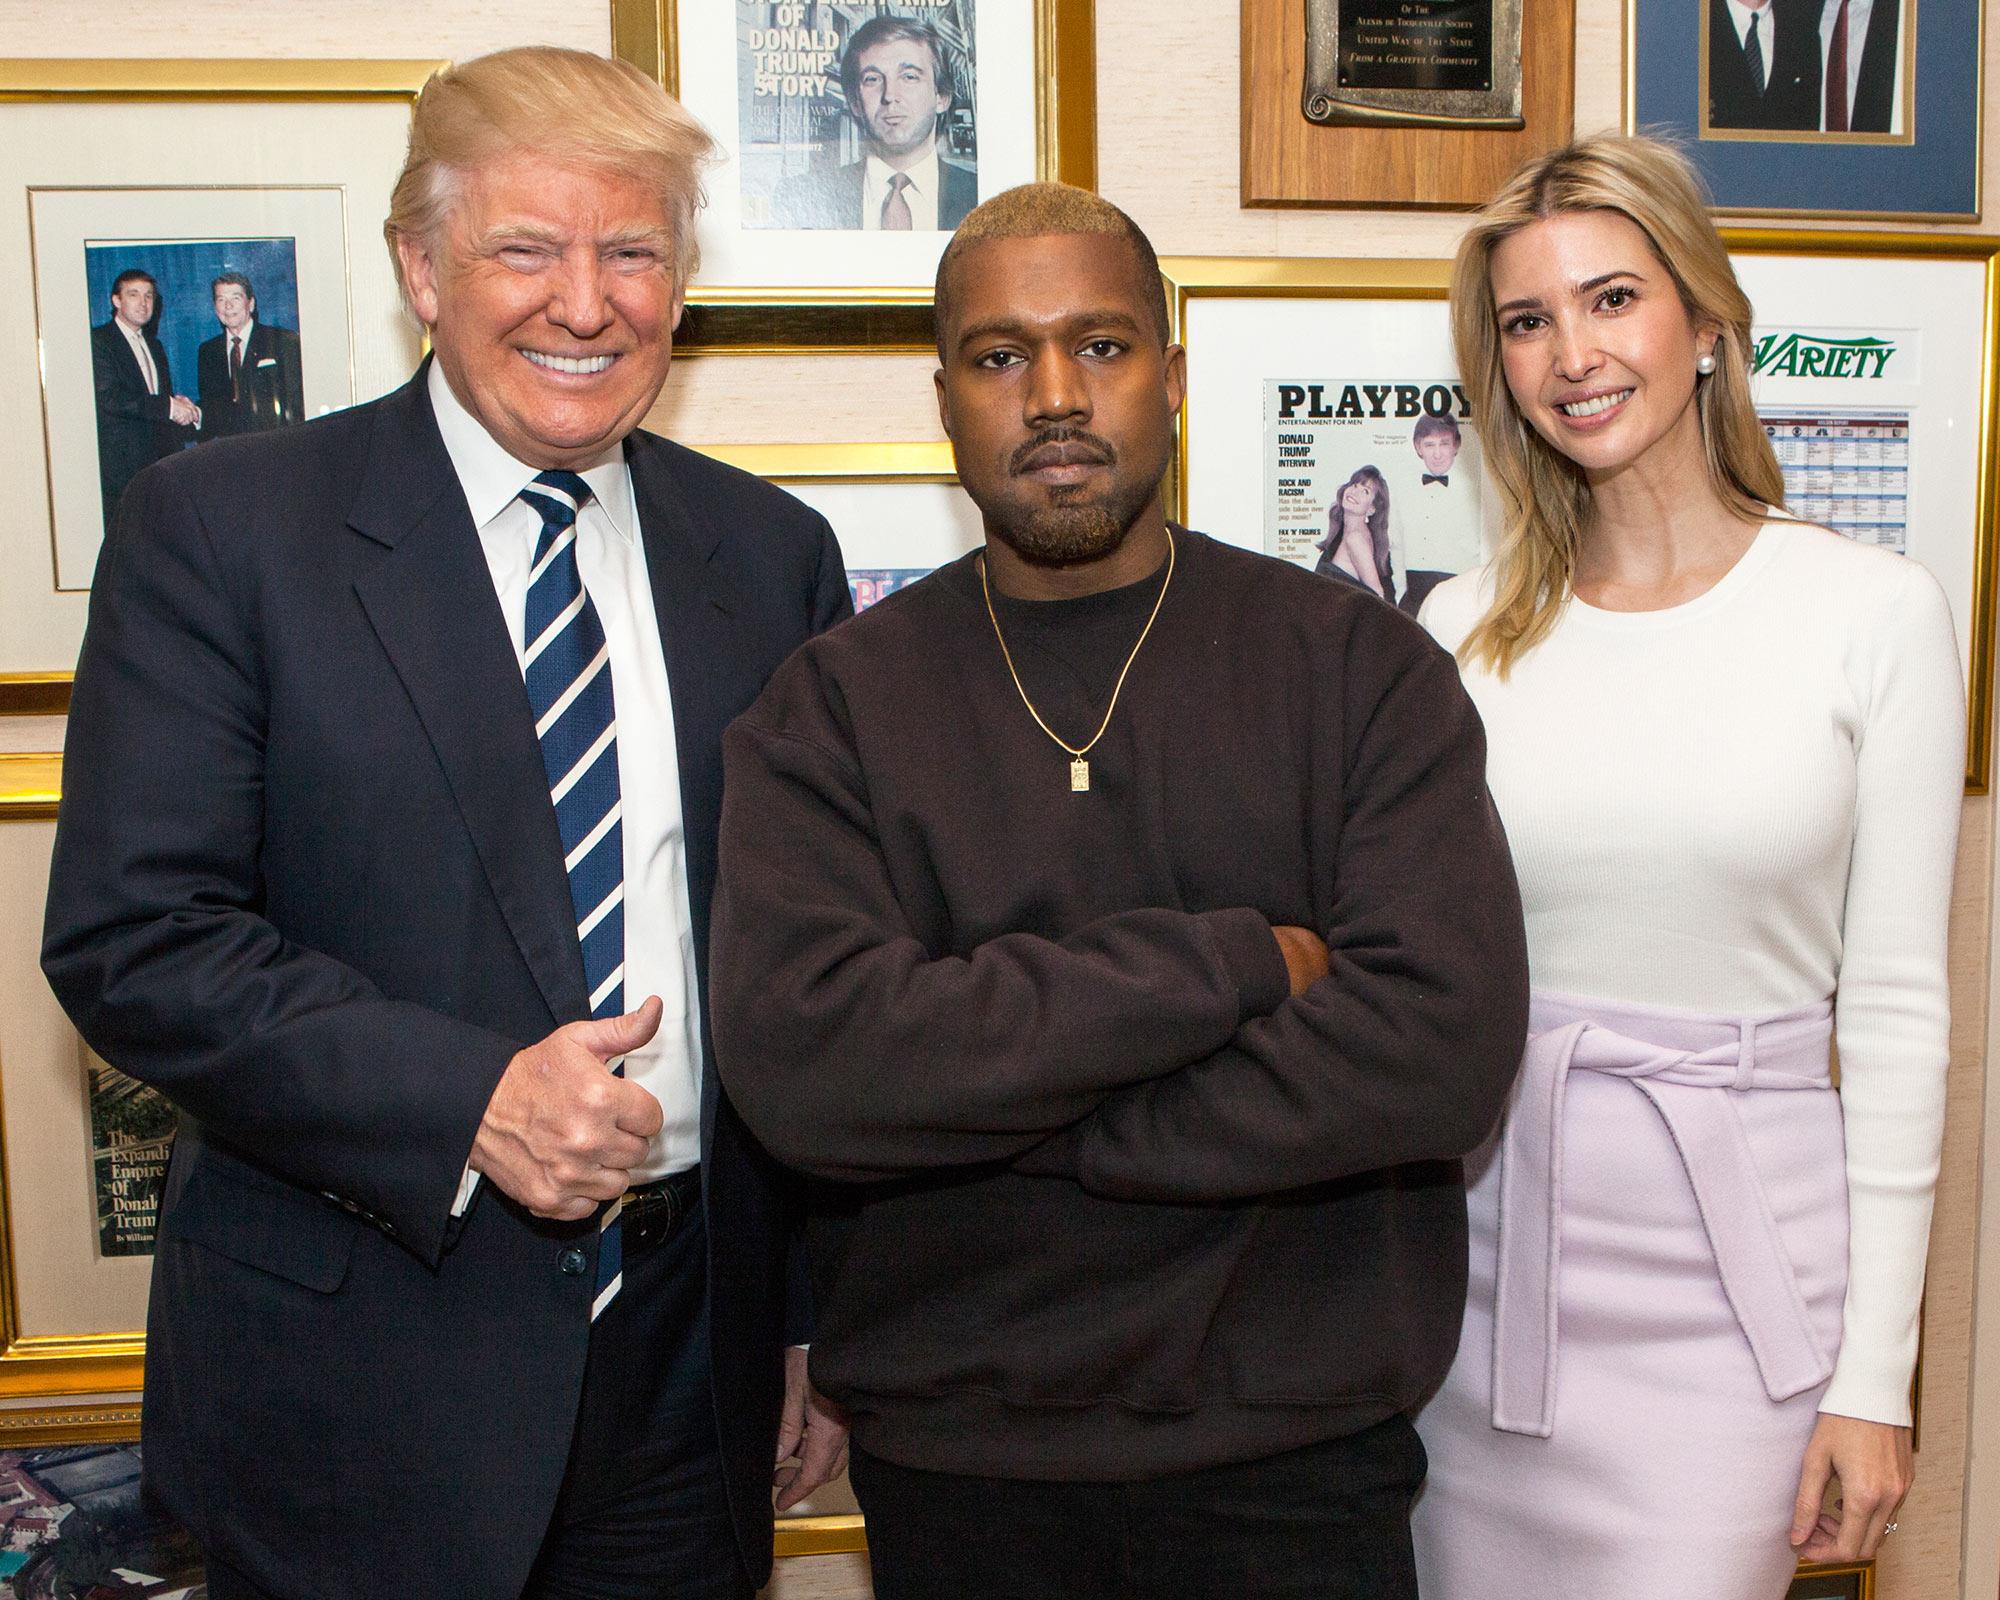 Donald Trump, Kanye West and Ivanka Trump